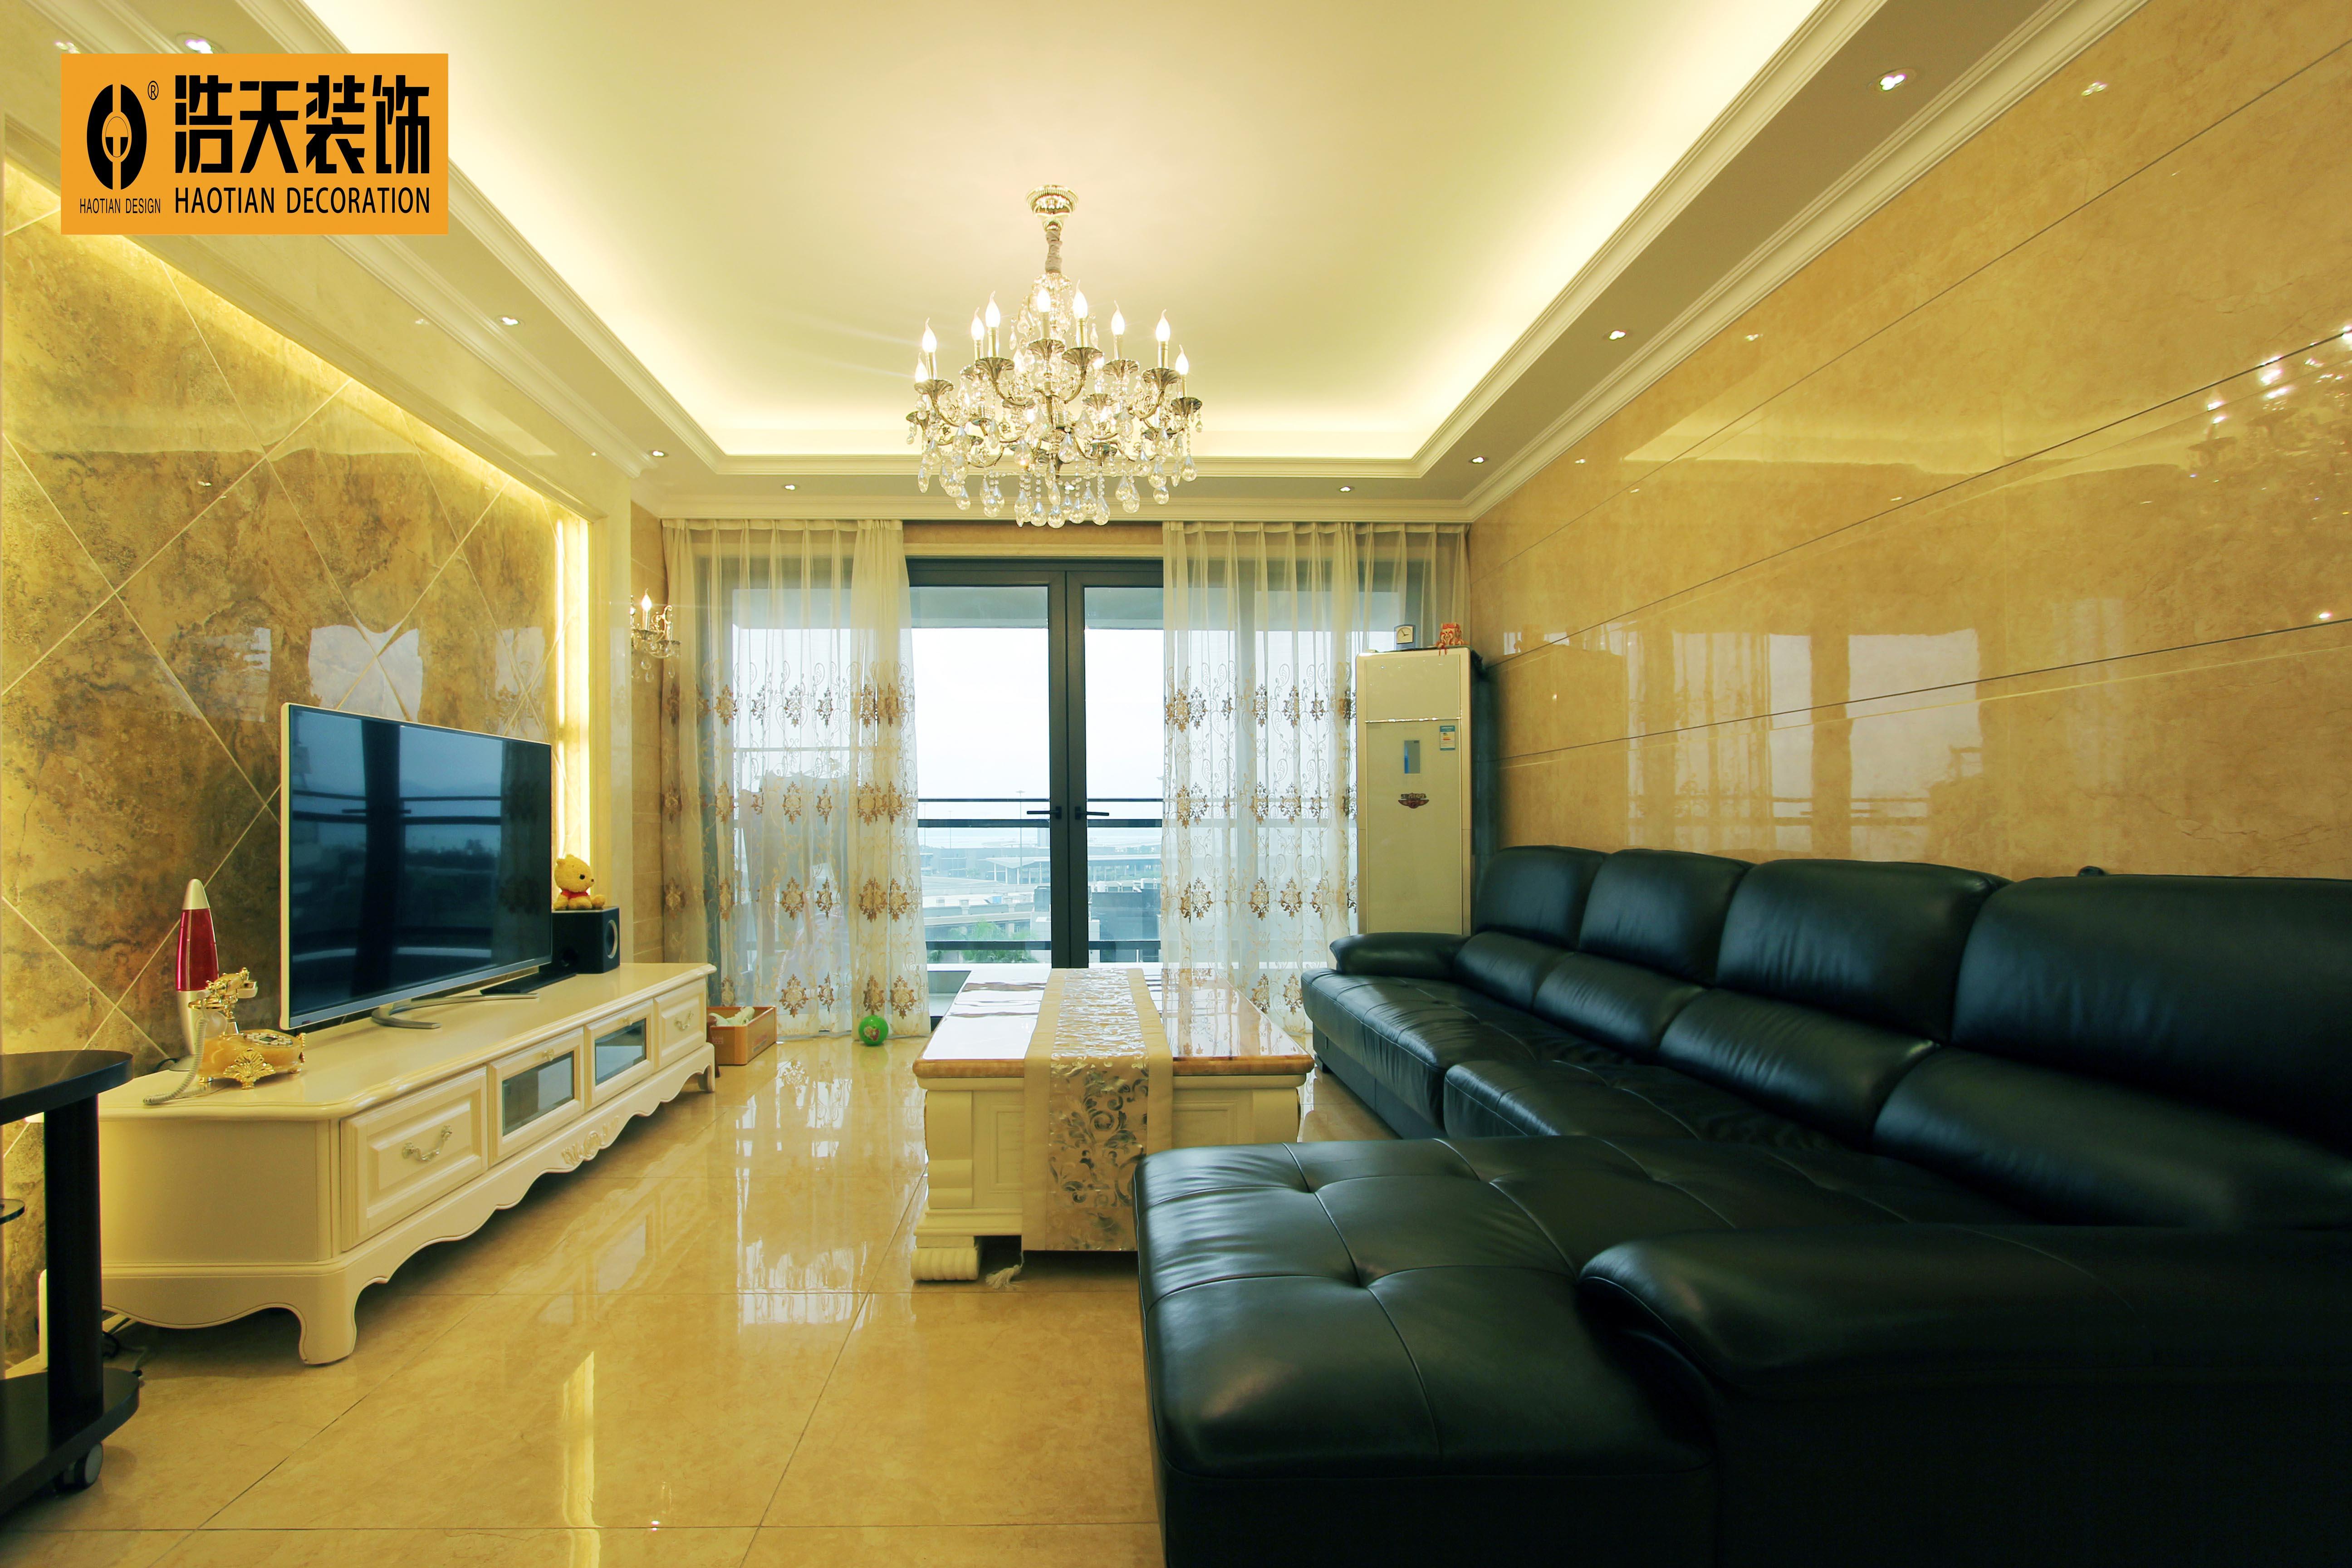 客厅图片来自深圳市浩天装饰在幸福海岸的分享